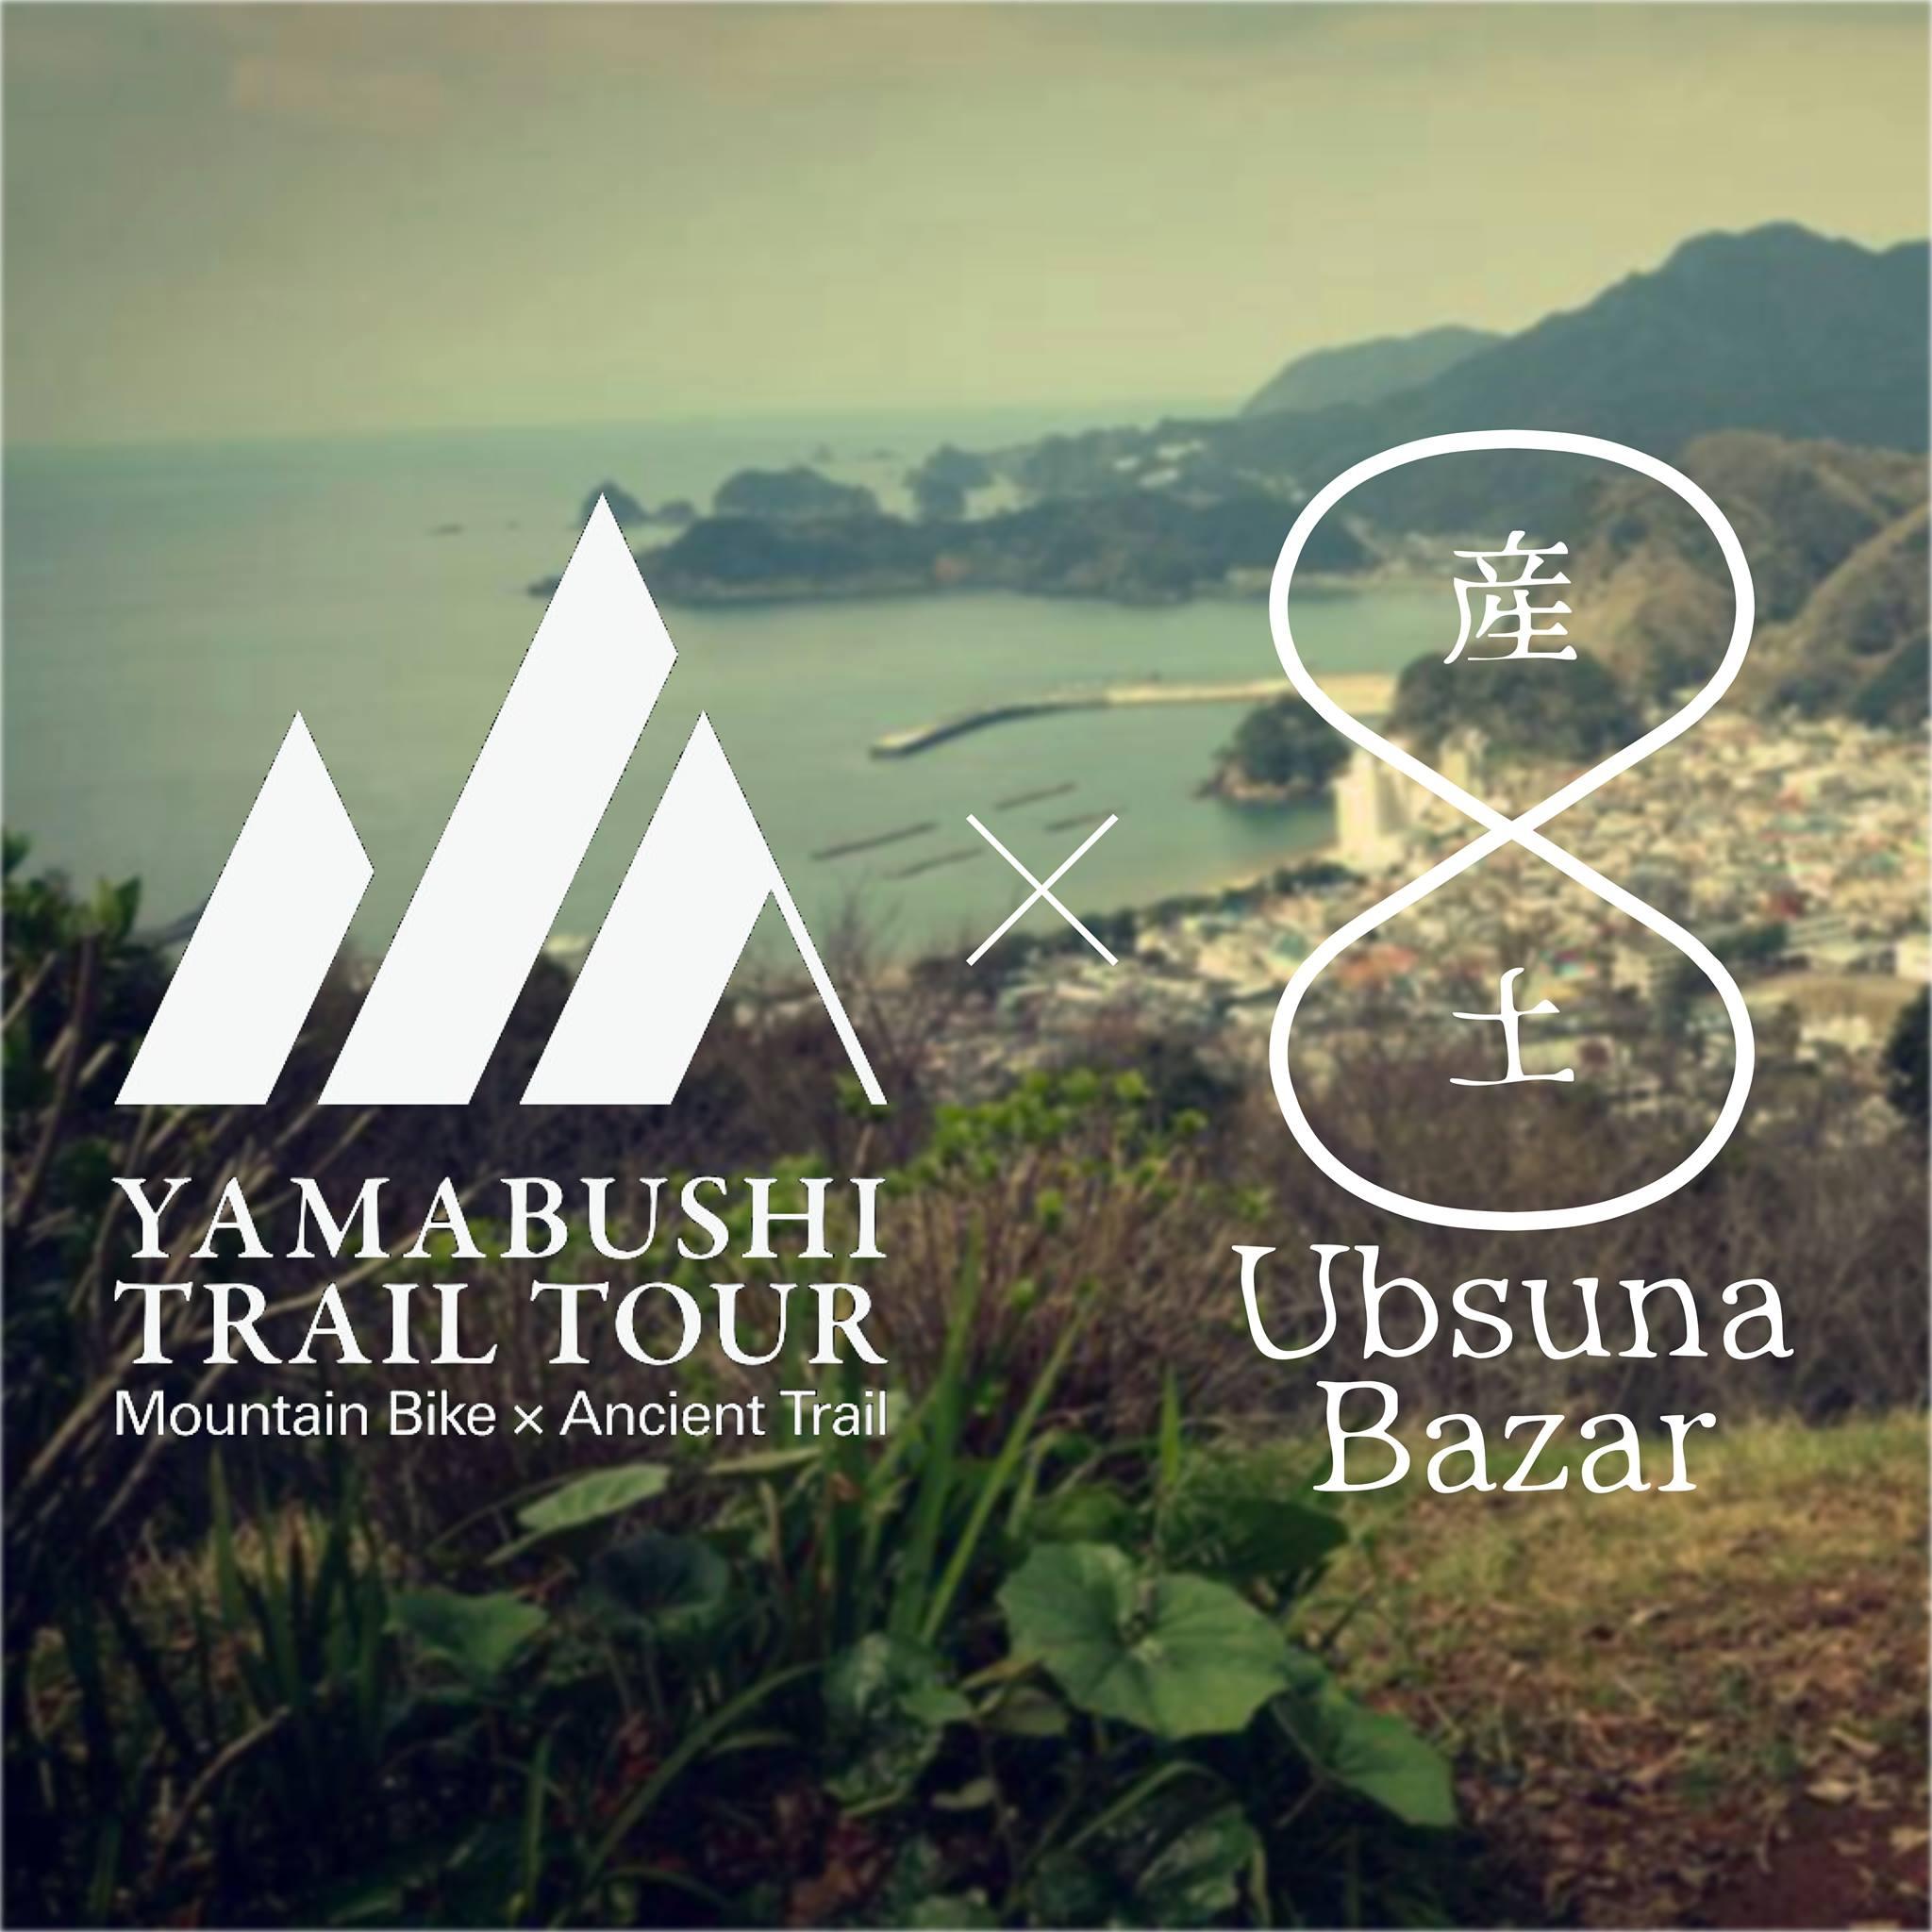 YAMABUSHI TRAIL TOUR & 産土Bazar